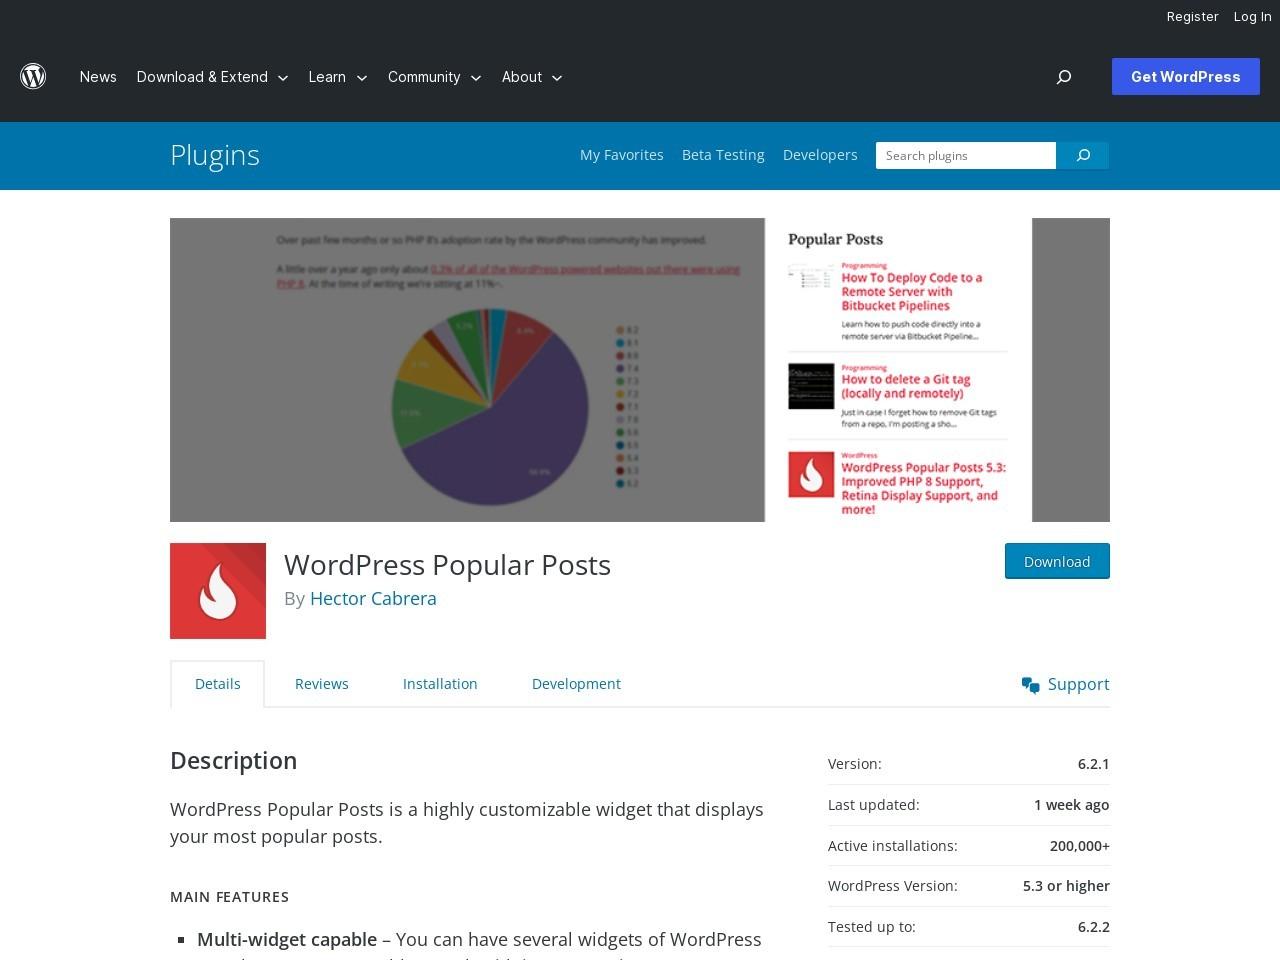 https://wordpress.org/plugins/wordpress-popular-posts/